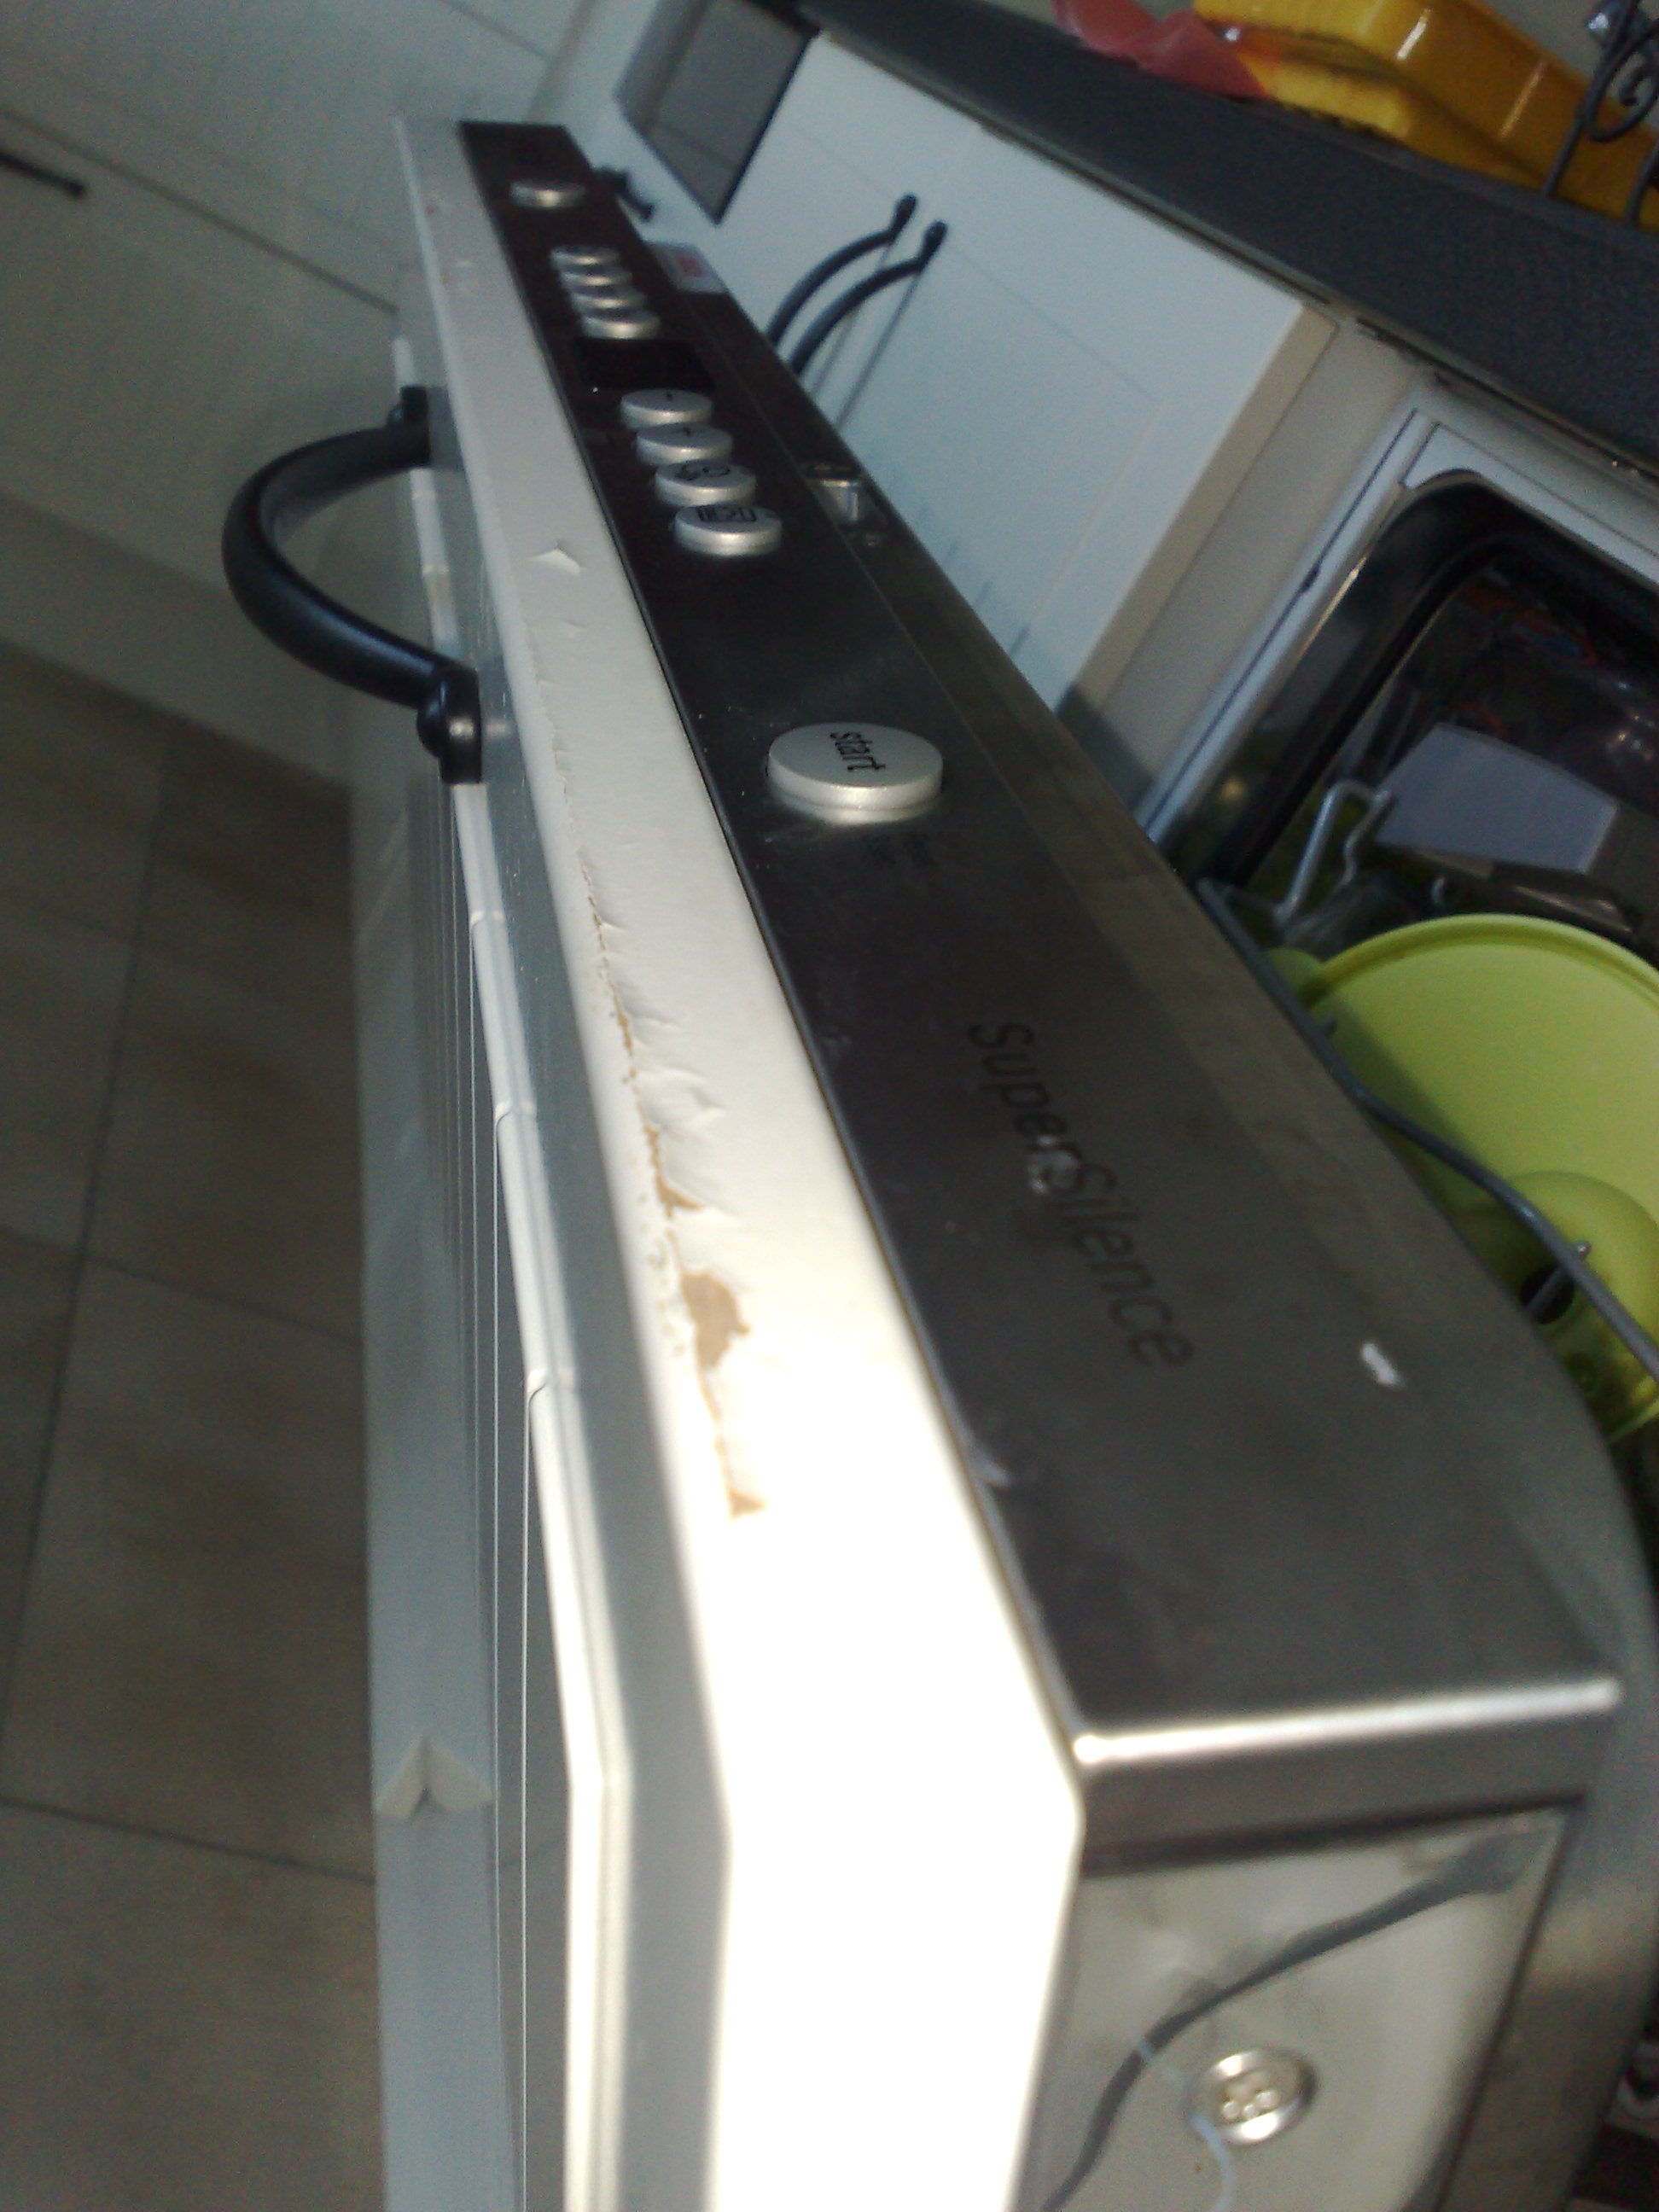 Porte cuisine lave vaisselle int grable qui cloque juste for Porte pour lave vaisselle integrable